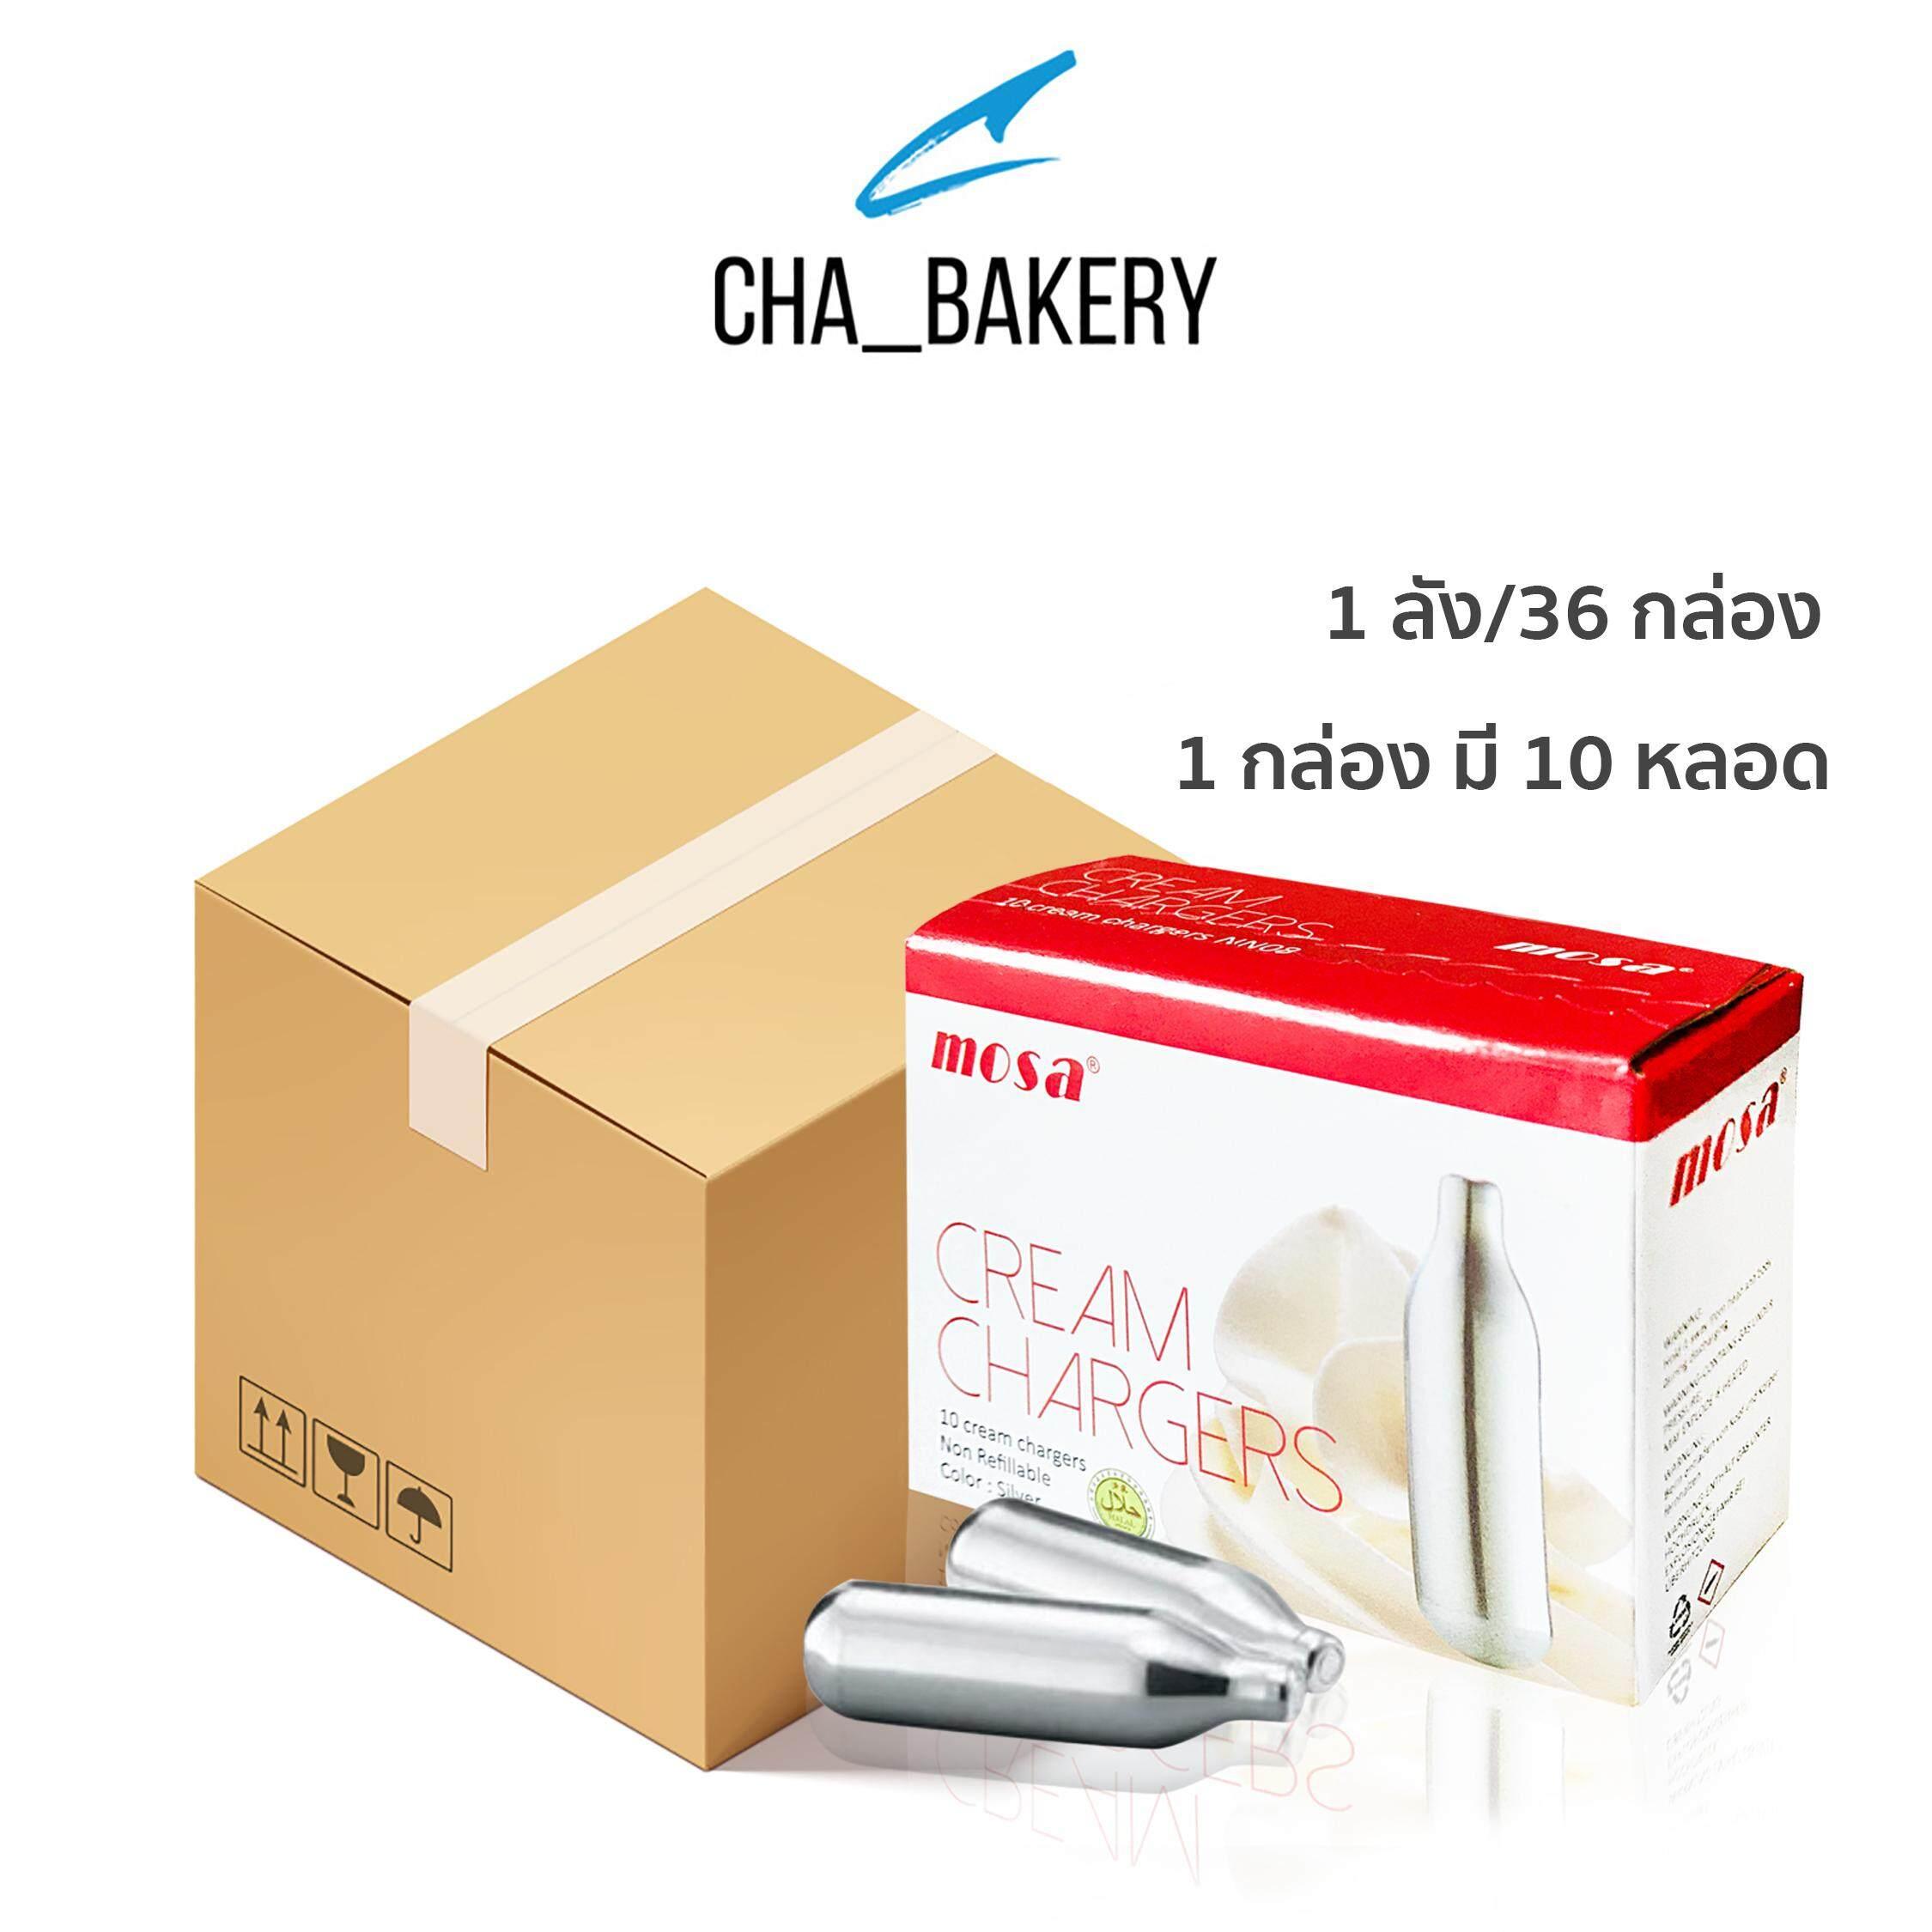 Mosa แก๊สสำหรับกระบอกวิปปิ้งครีม 1 กล่อง/10 หลอด(ยกลัง/36กล่อง).